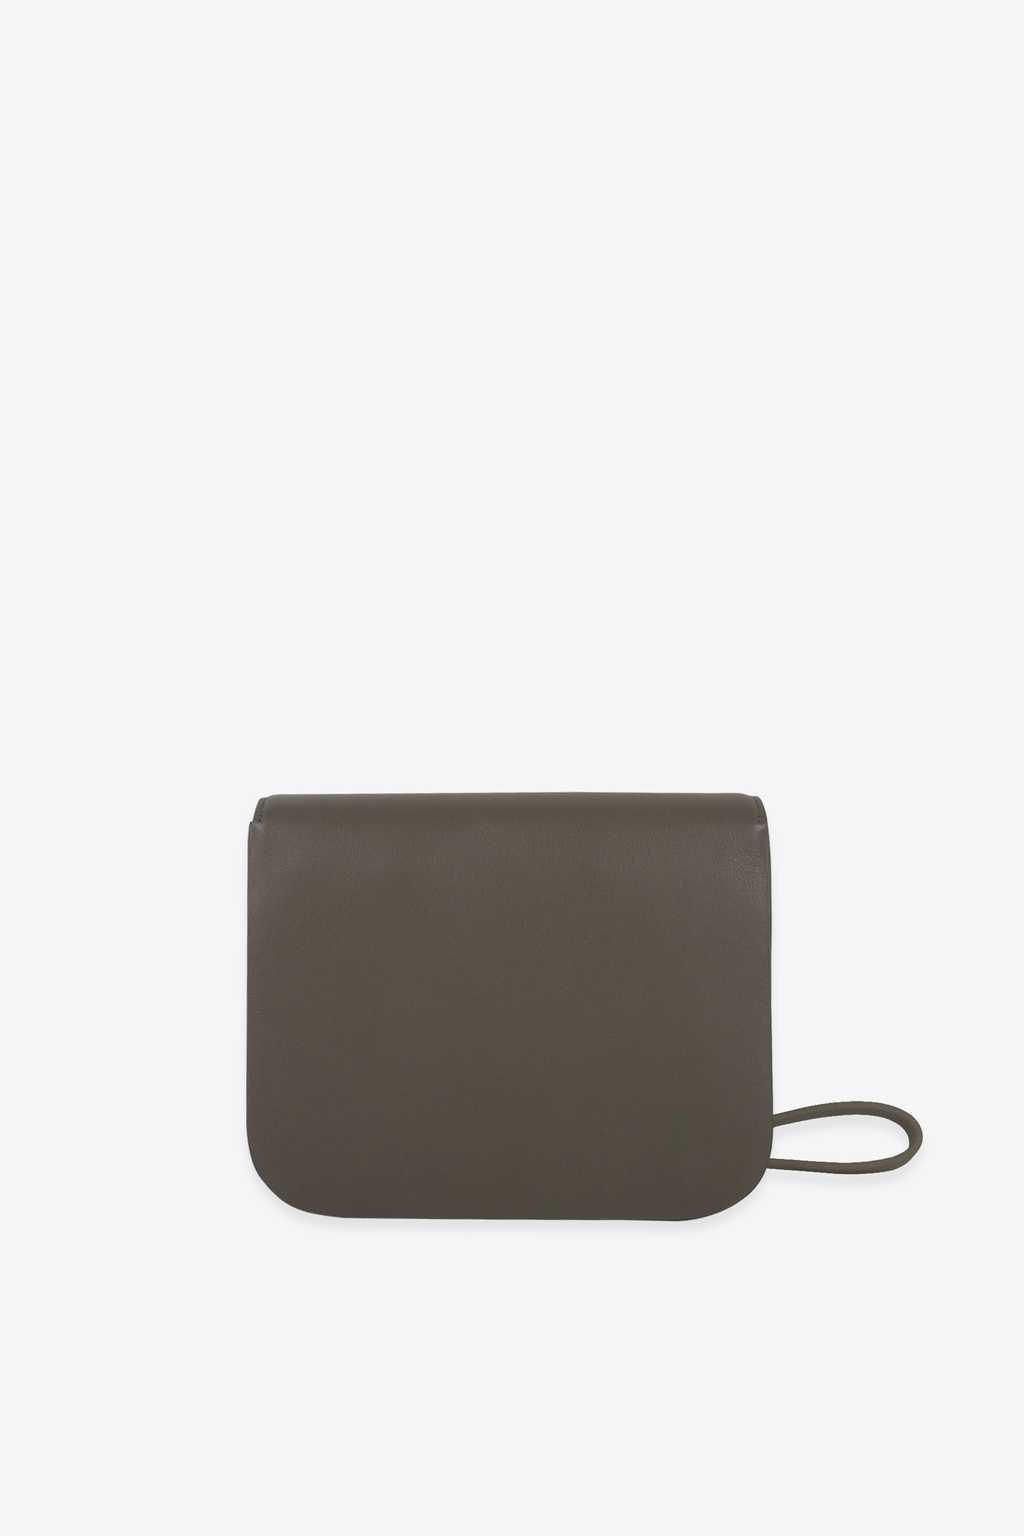 Bag 1058 Olive 1